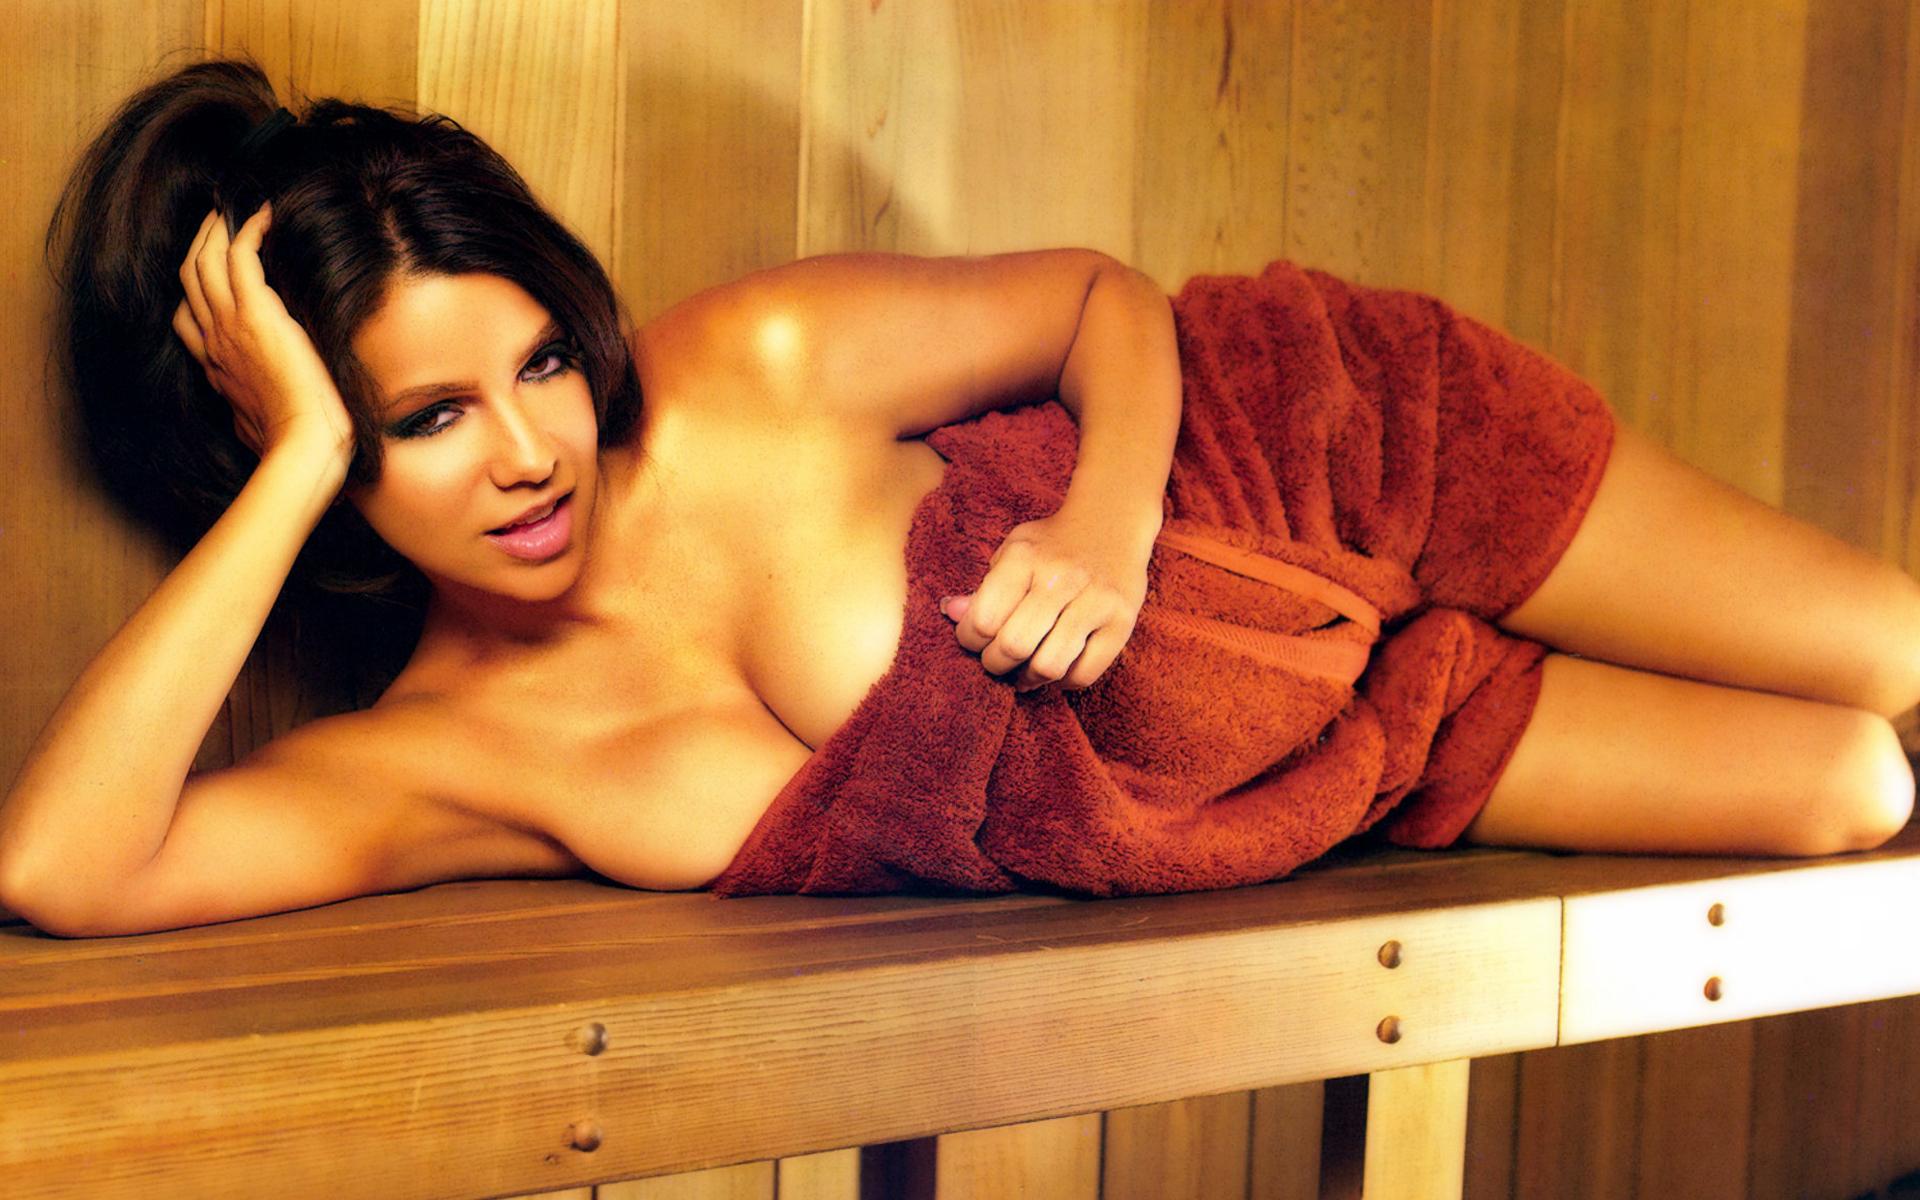 Фото женщин в банях 18 фотография